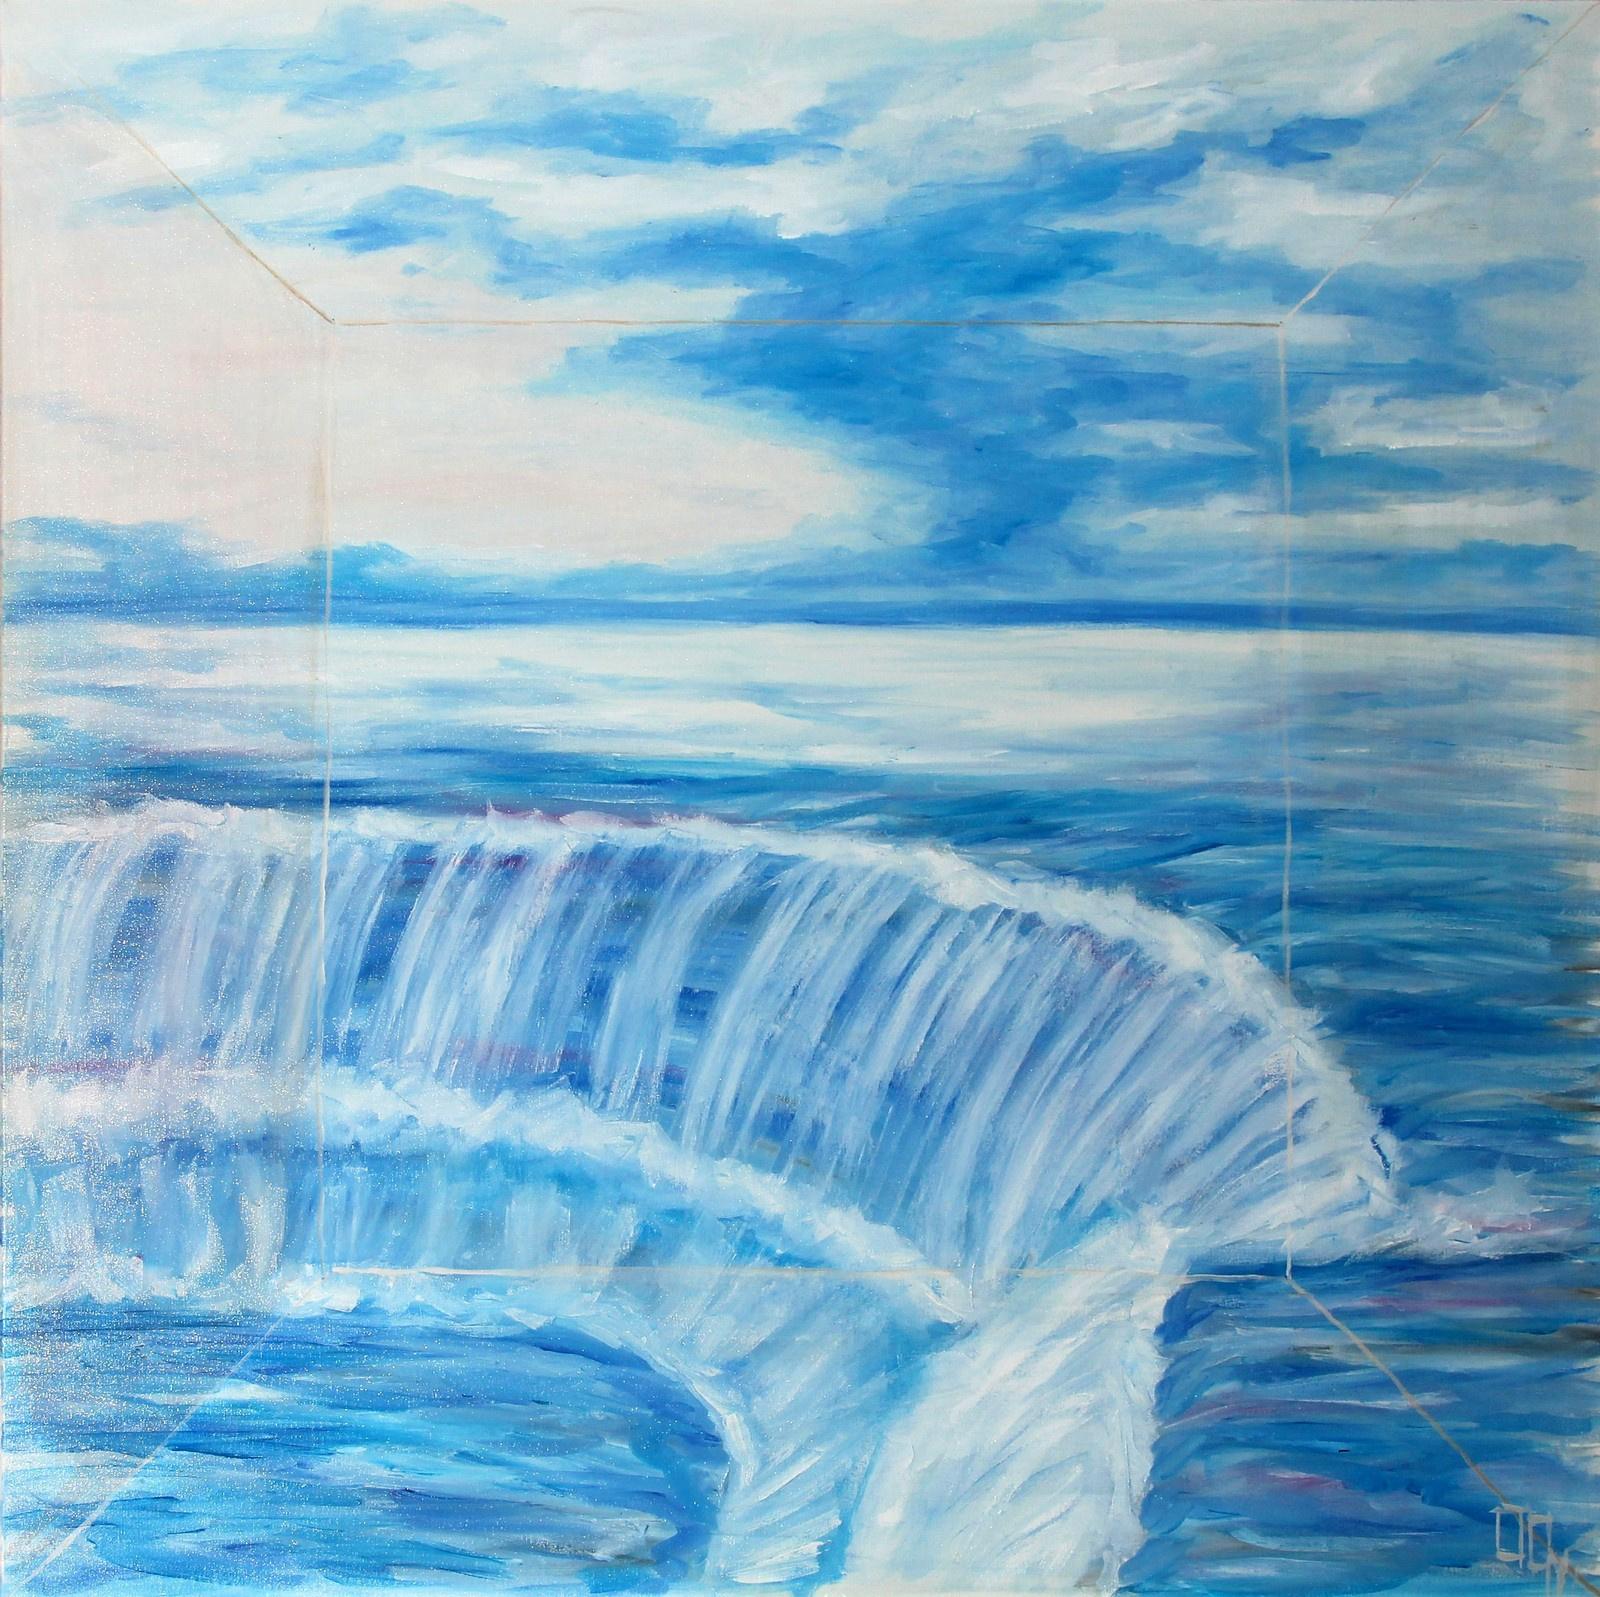 dobusgyorgy: Óceán zuhanása - Kapu - indafoto.hu